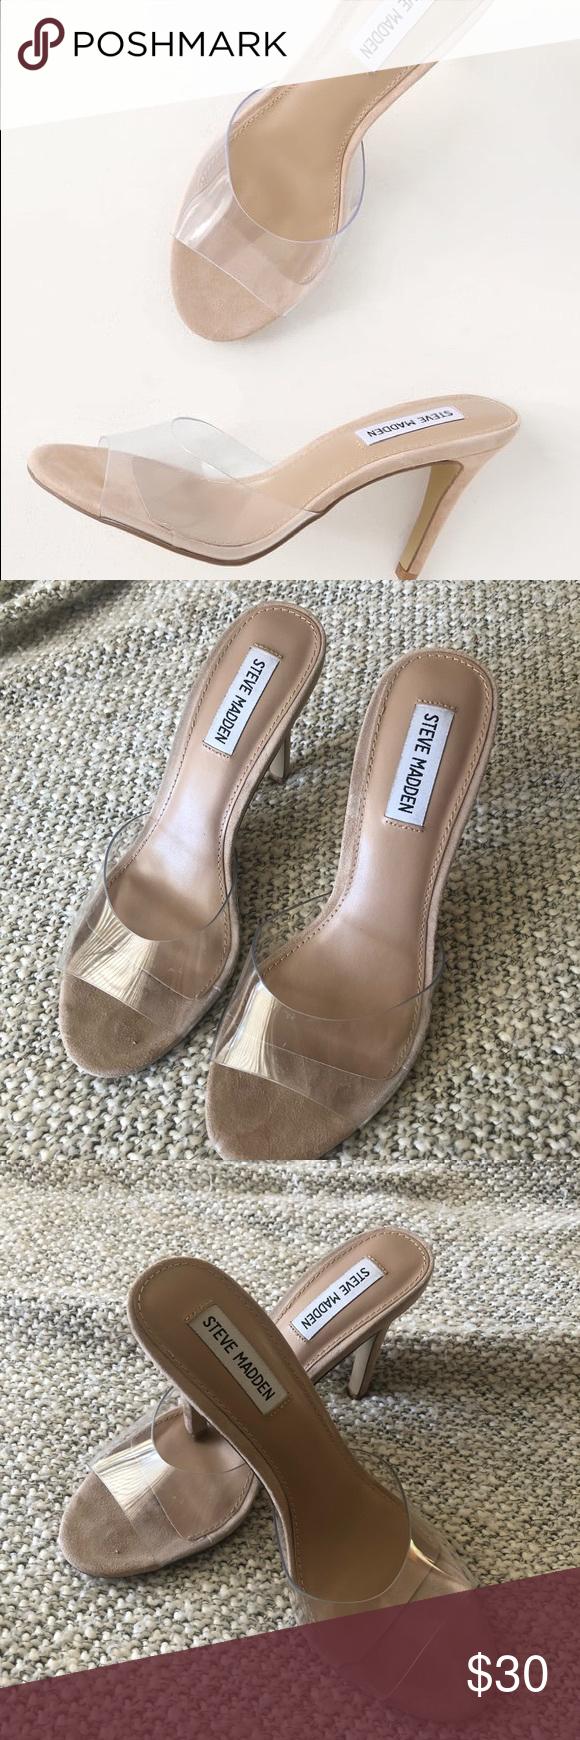 Erin clear high heels Steve Madden